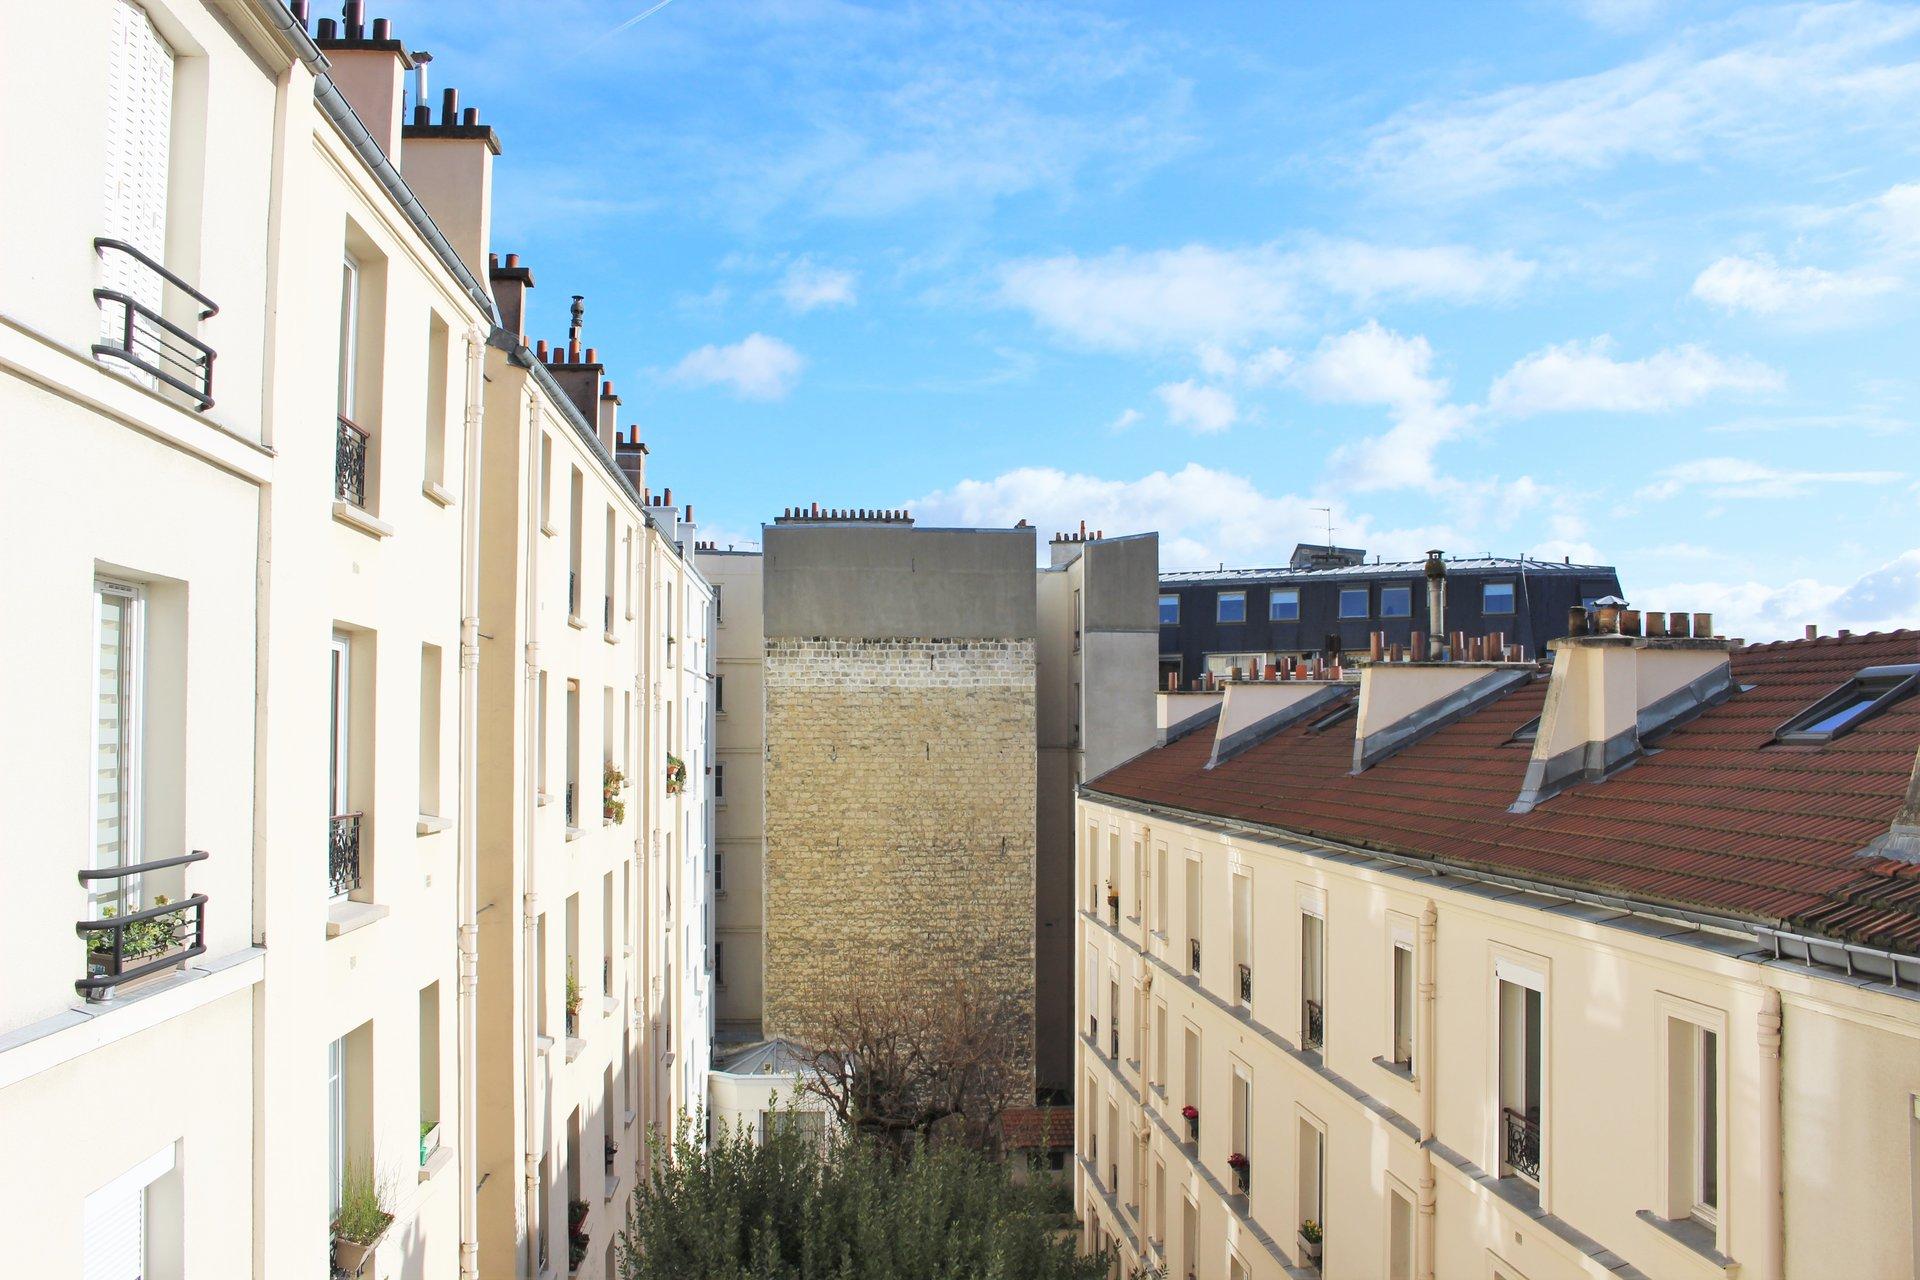 Paris - XIV ème - Parc MONTSOURIS - 2 PIÈCES - SOLEIL - AUCUN VIS-À-VIS - CADRE VERDOYANT - CALME - VENDU MEUBLÉ